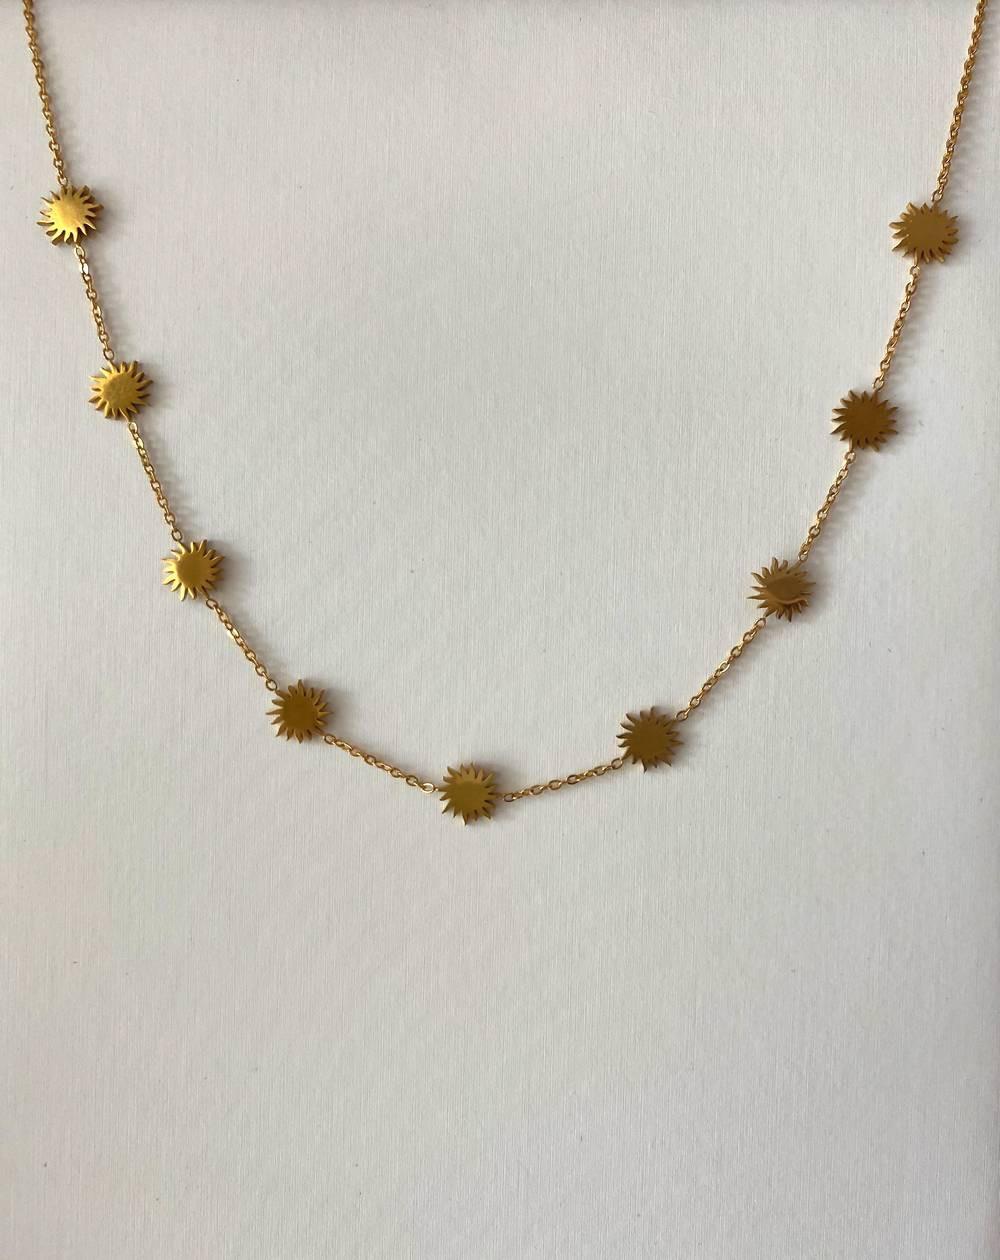 Collier médaillons soleils dorés en acier inoxydable et hypoallergénique